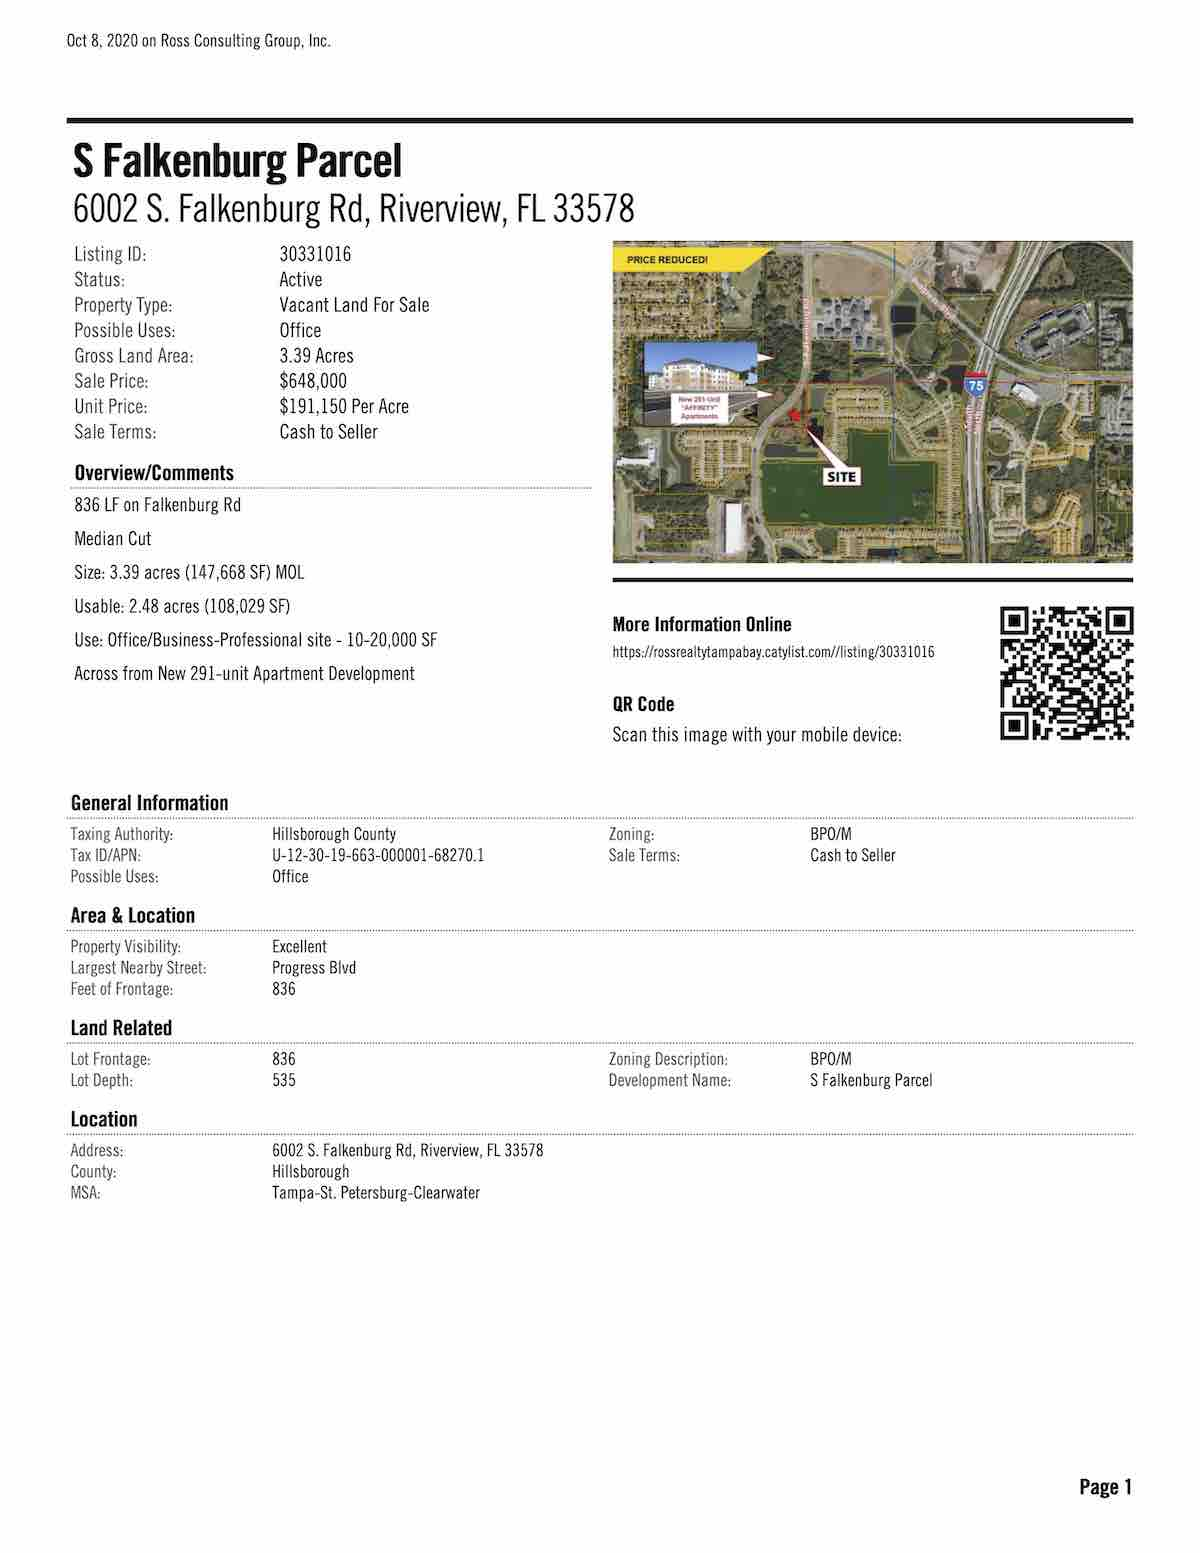 FOR SALE - S Falkenburg Parcel - 6002 S. Falkenburg Rd, Riverview, FL 33578 P2